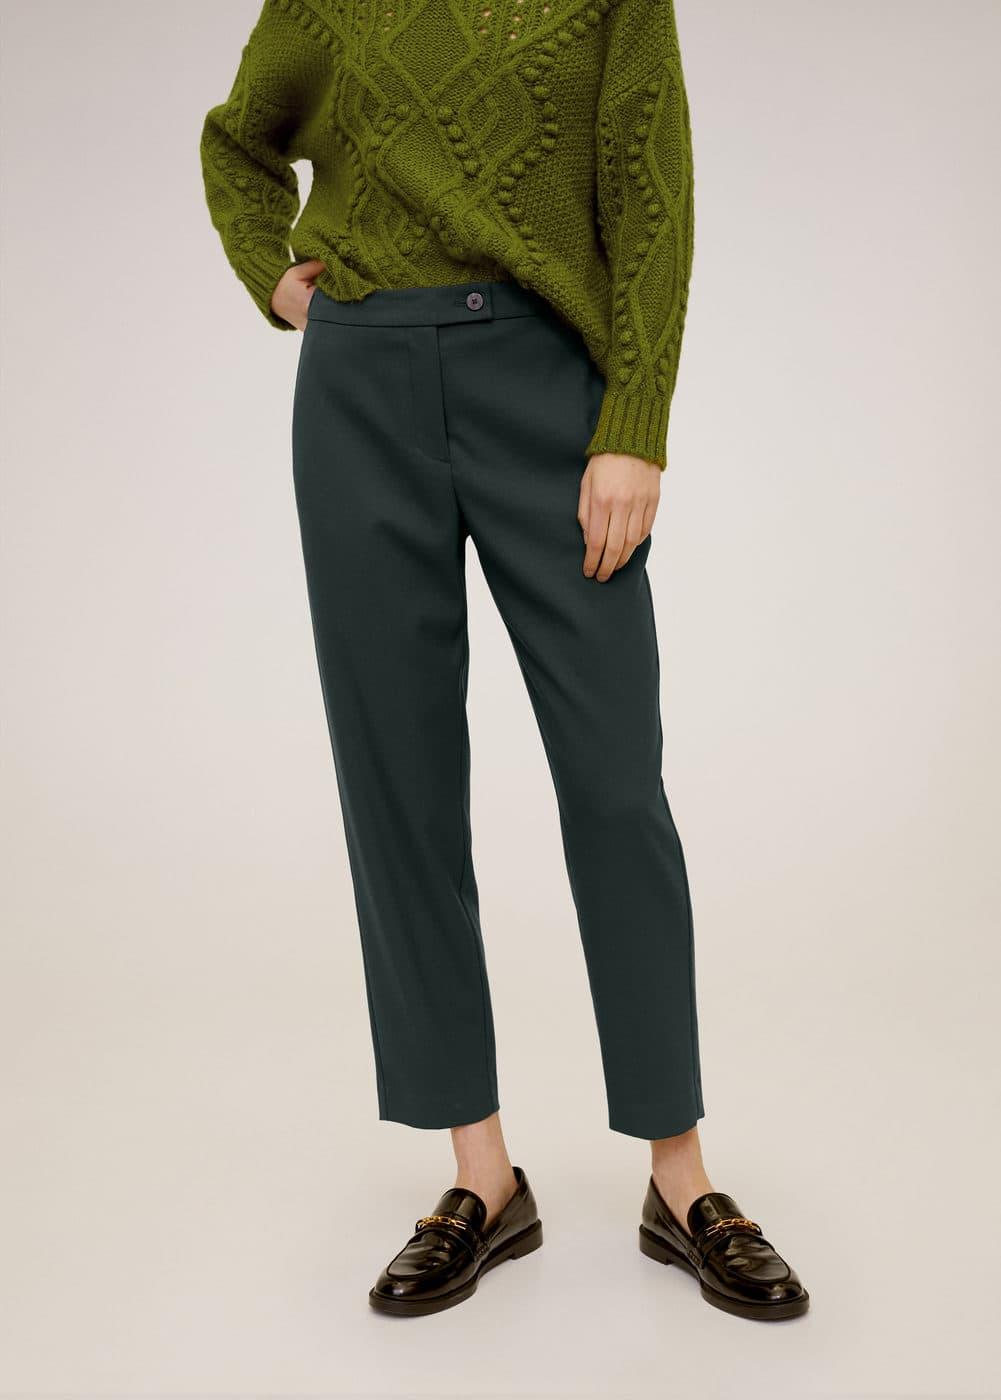 m-temps:pantalon traje crop